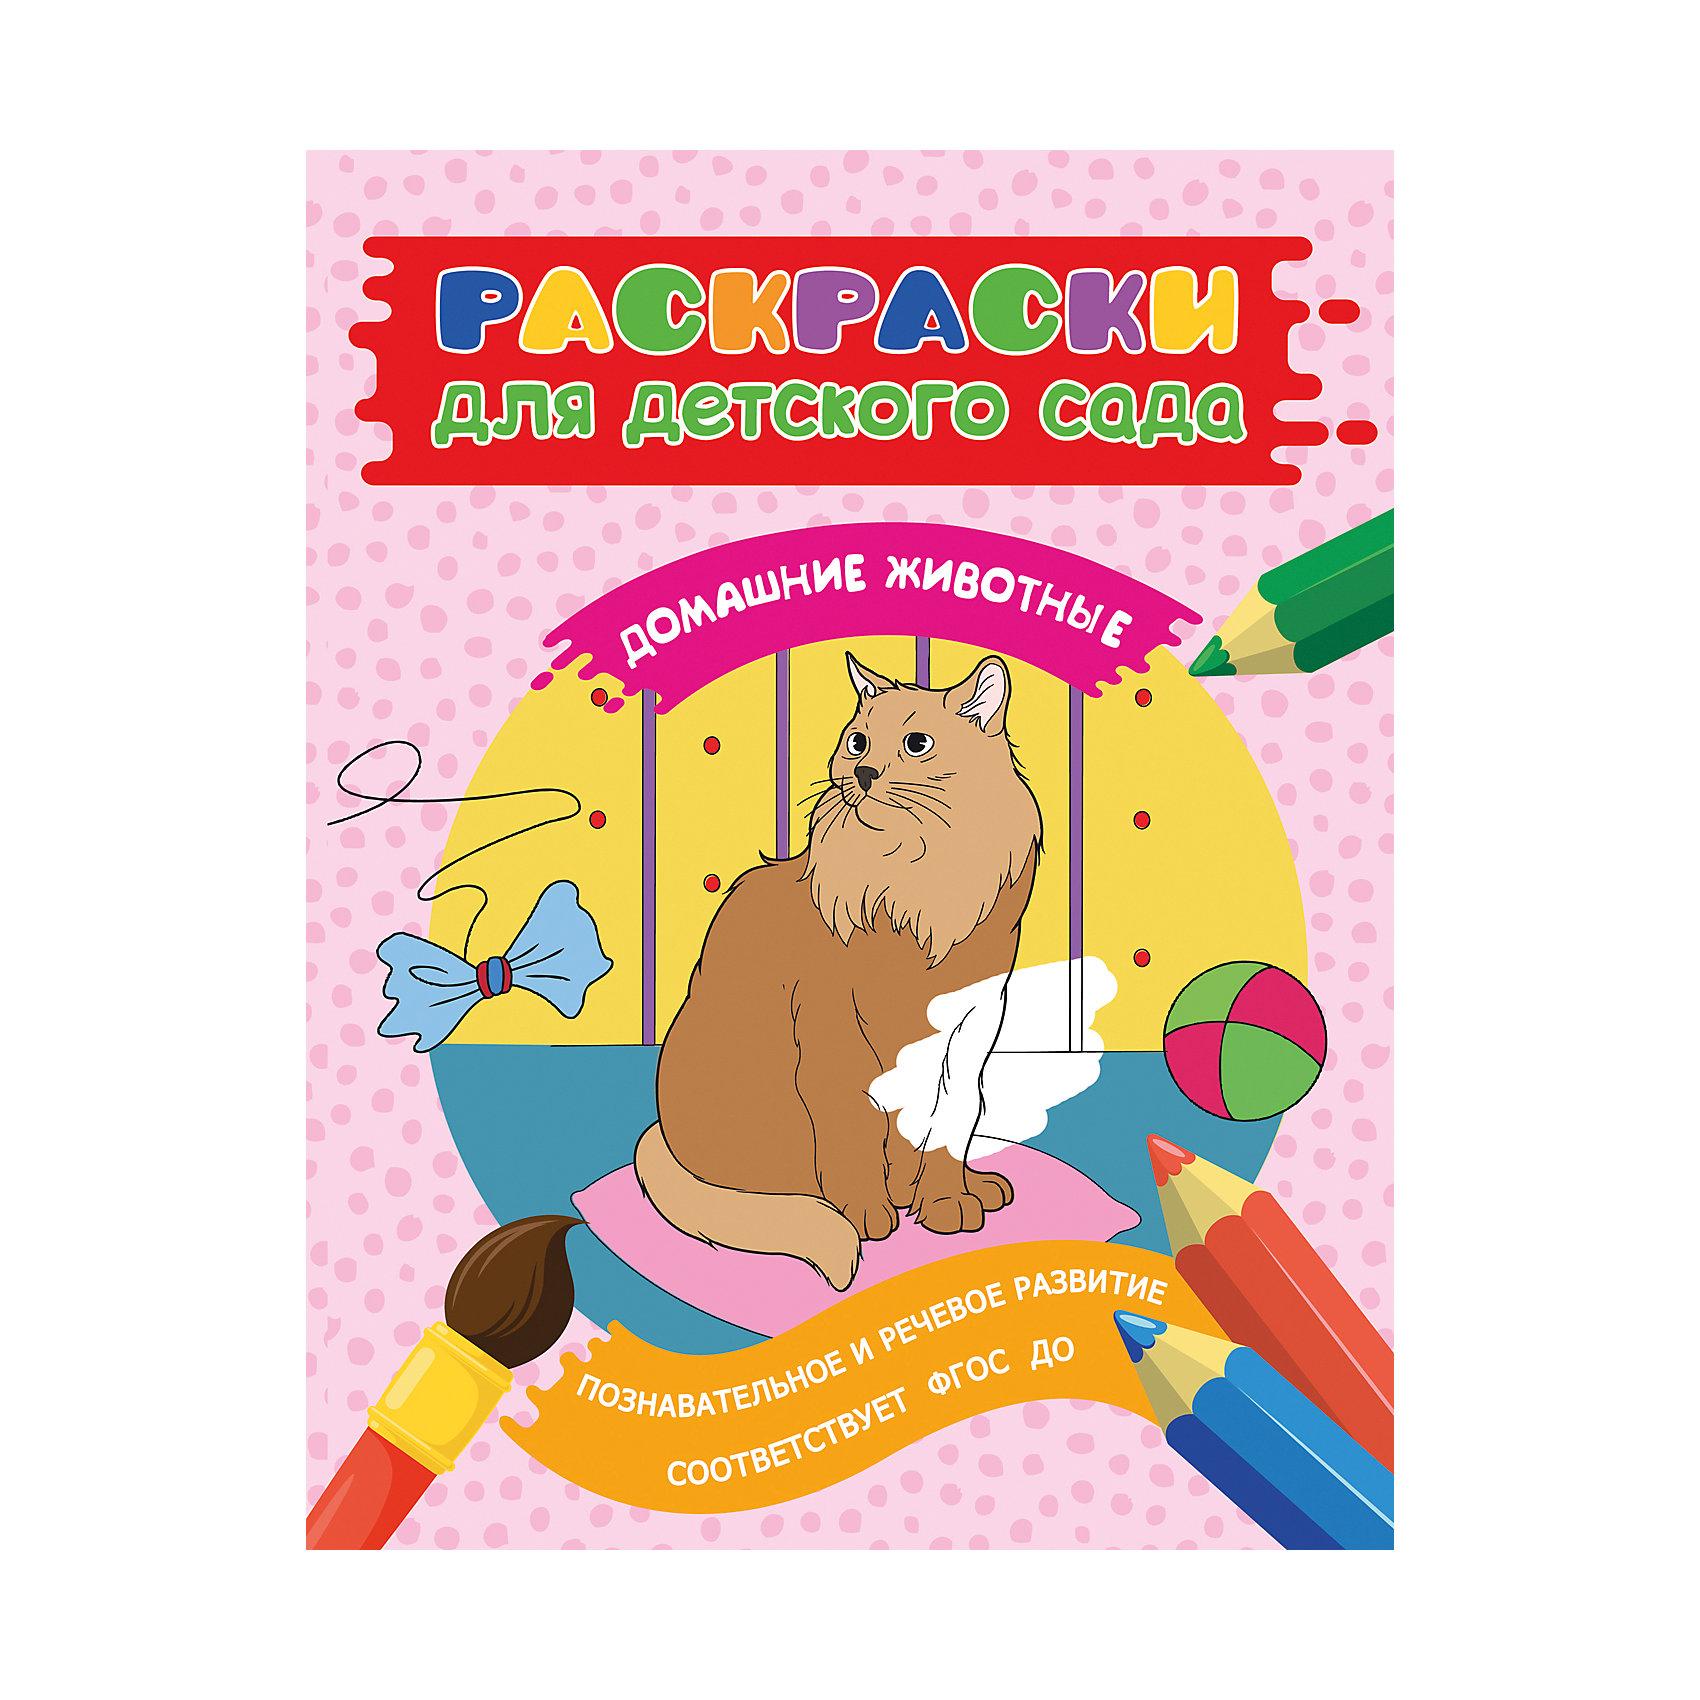 Раскраска Домашние животныеТематические раскраски для детского сада - это специальная серия, которую можно использовать как в группах детского сада, так и для самостоятельных занятий с ребенком дома.&#13;<br>Каждая развивающая тетрадь-раскраска посвящена одной их основных познавательных тем, изучаемых в детском саду.&#13;<br>На каждой странице предлагаются развивающие вопросы, которые мама или педагог могут задать ребенку, пока он занимается раскрашиванием.&#13;<br>Знакомство с изображениями и ответы на вопросы помогут развить ребенка в основных образовательных областях:&#13;<br>- Социально-коммуникативное развитие&#13;<br>- Познавательное развитие&#13;<br>- Речевое развитие&#13;<br>- Художественно-эстетическое развитие<br><br>Ширина мм: 274<br>Глубина мм: 212<br>Высота мм: 30<br>Вес г: 130<br>Возраст от месяцев: -2147483648<br>Возраст до месяцев: 2147483647<br>Пол: Унисекс<br>Возраст: Детский<br>SKU: 5453632